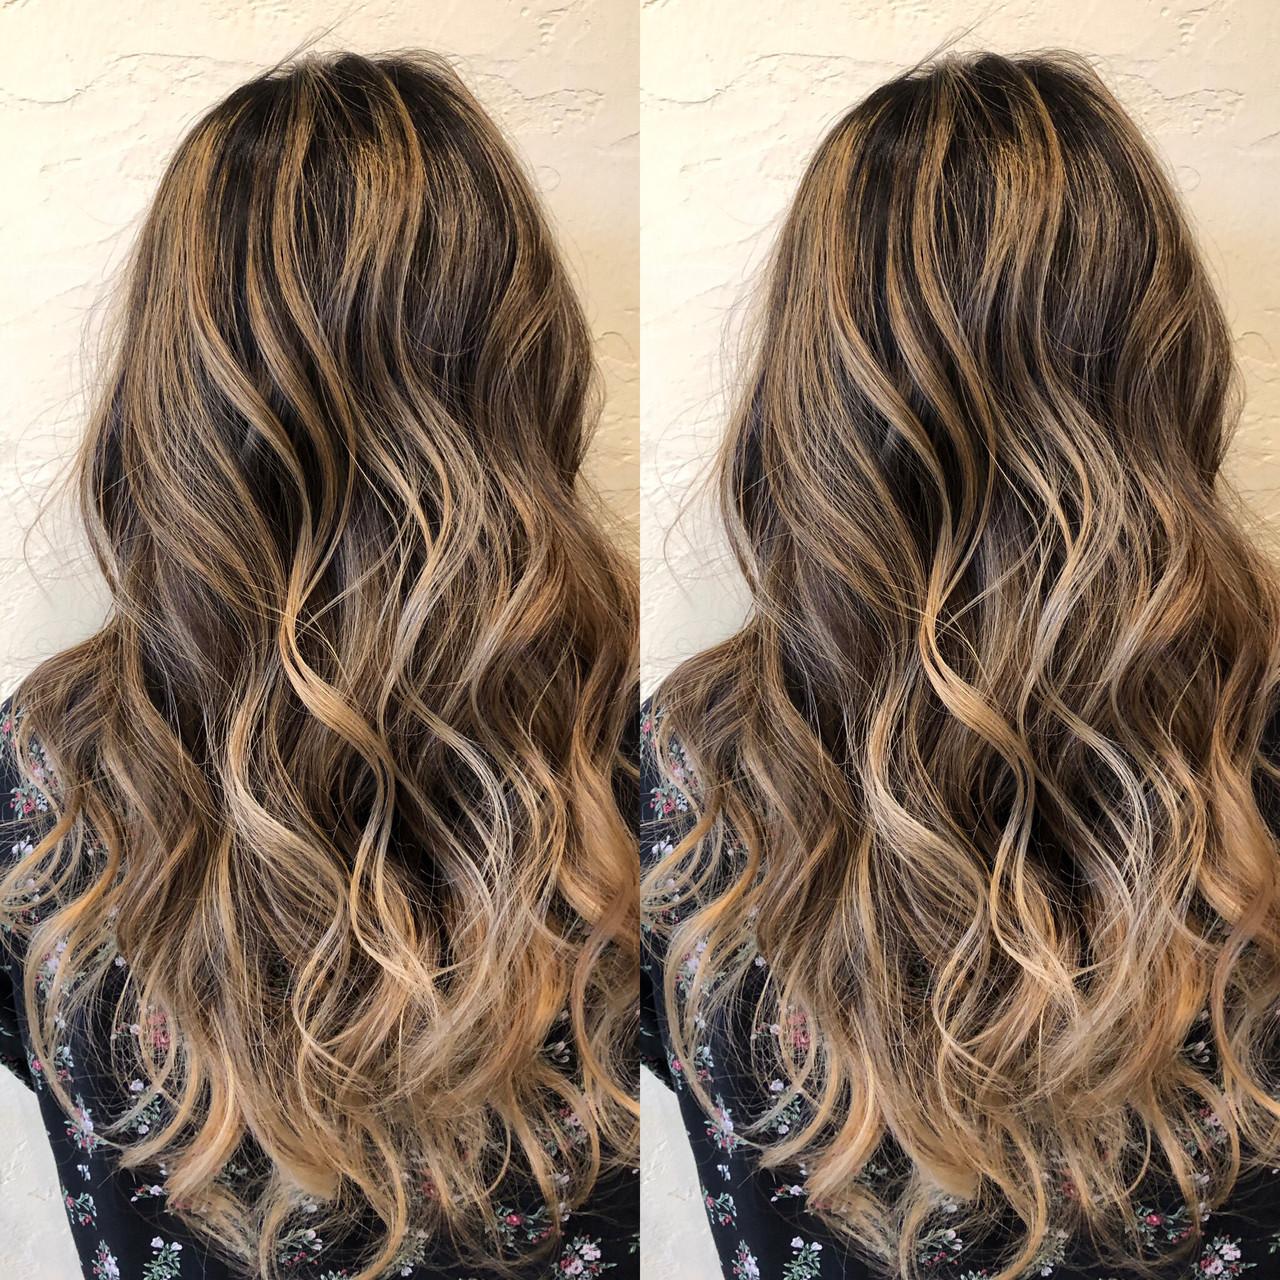 バレイヤージュ 西海岸風 ストリート エアータッチ ヘアスタイルや髪型の写真・画像